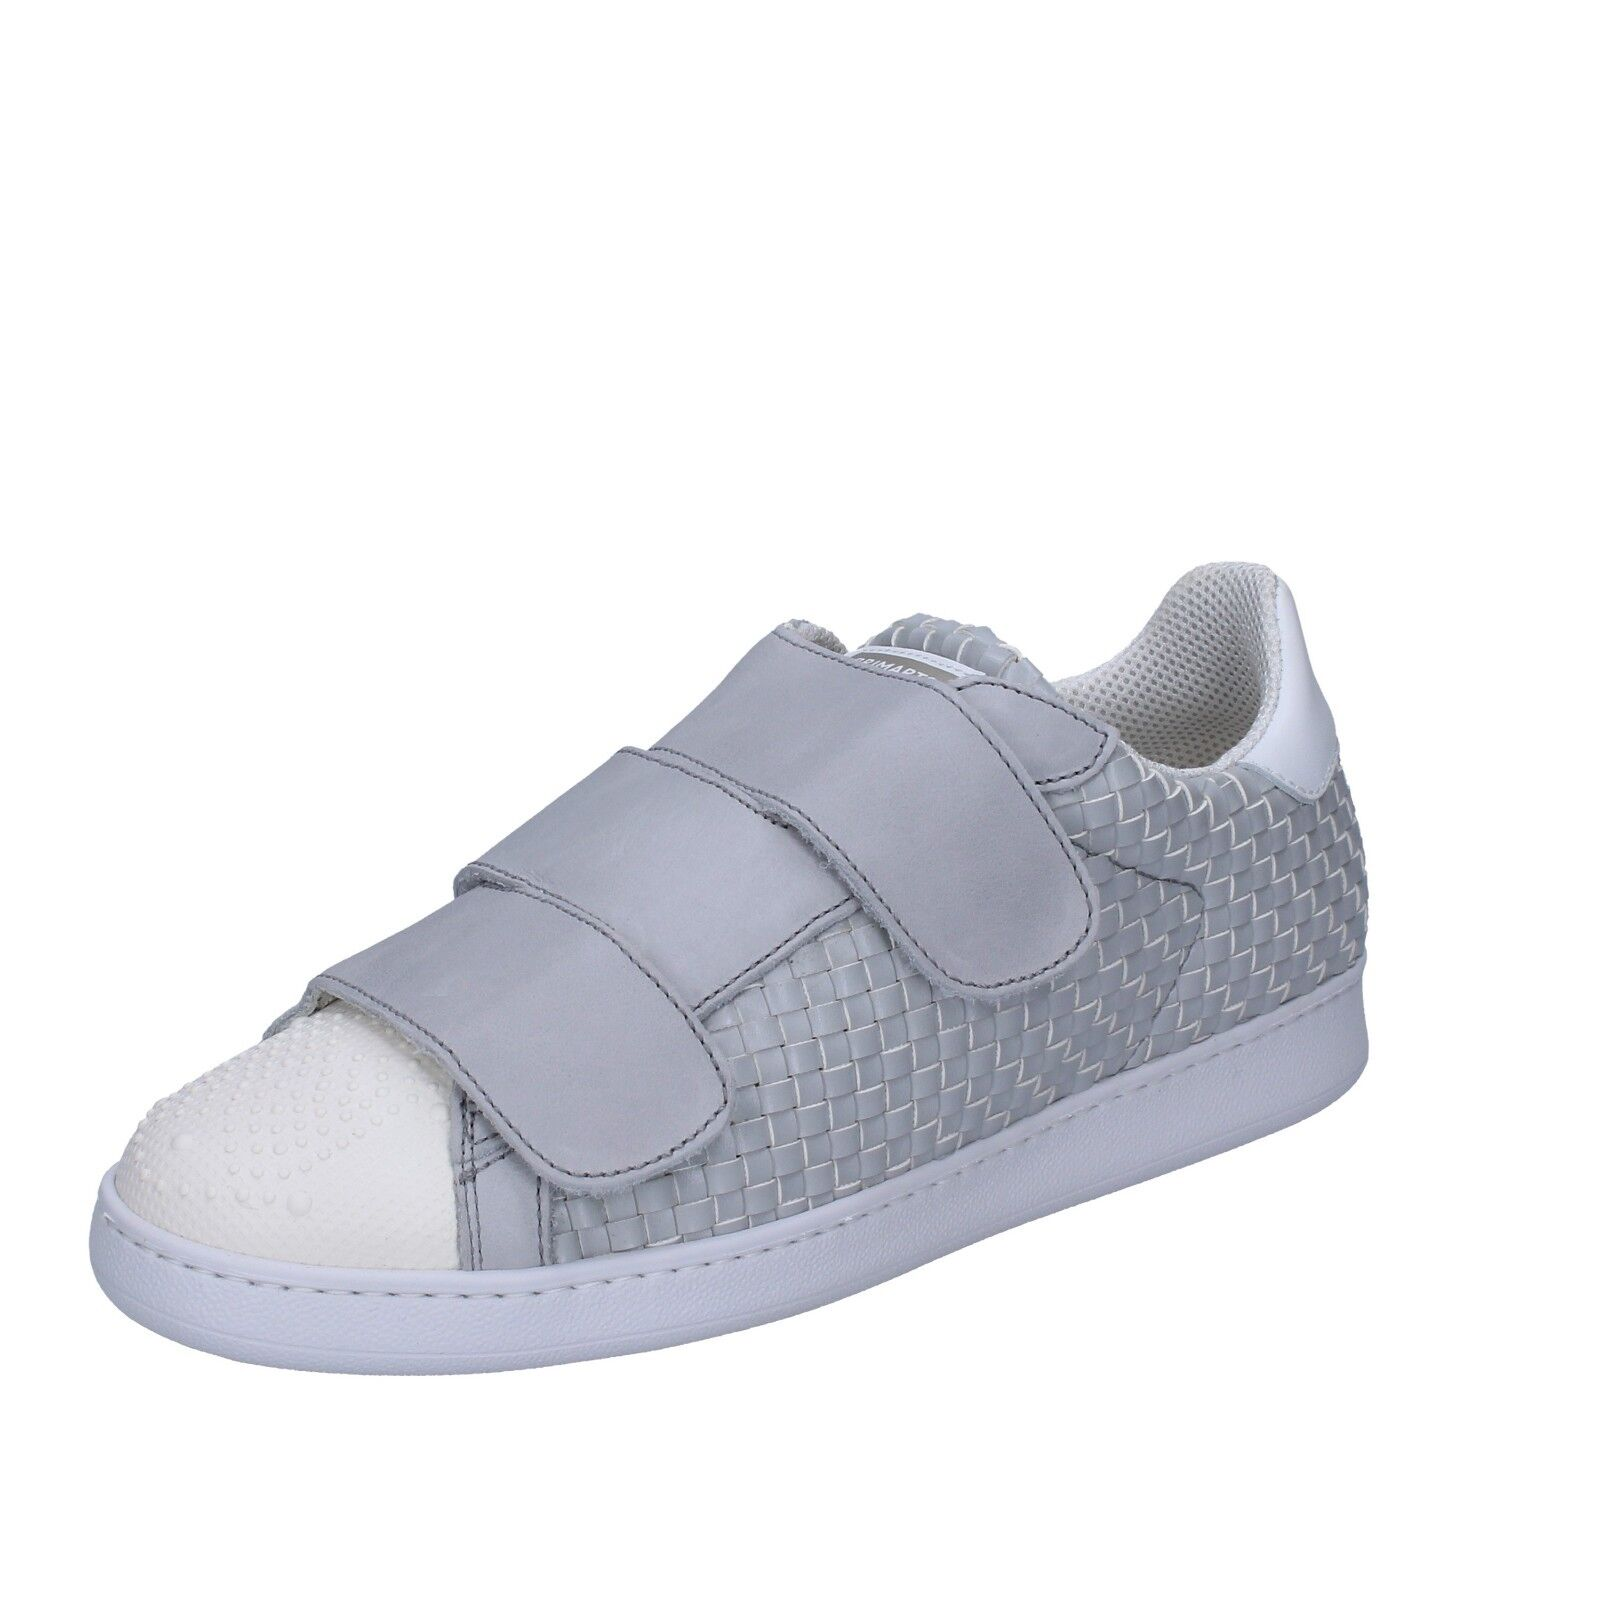 Scarpe Scarpe Scarpe uomo BRIMARTS 43 UE scarpe da ginnastica grigio in pelle bt591-43 644bc6